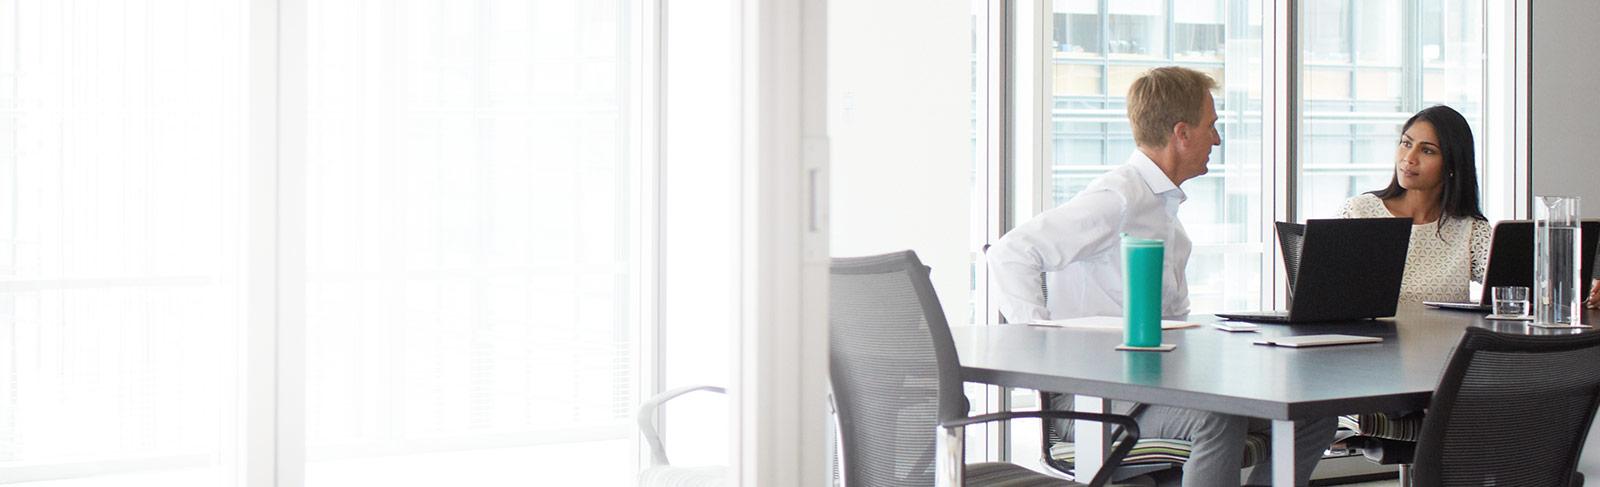 Dois funcionários com portáteis numa sala de reuniões utilizando o Office 365 Enterprise E3.